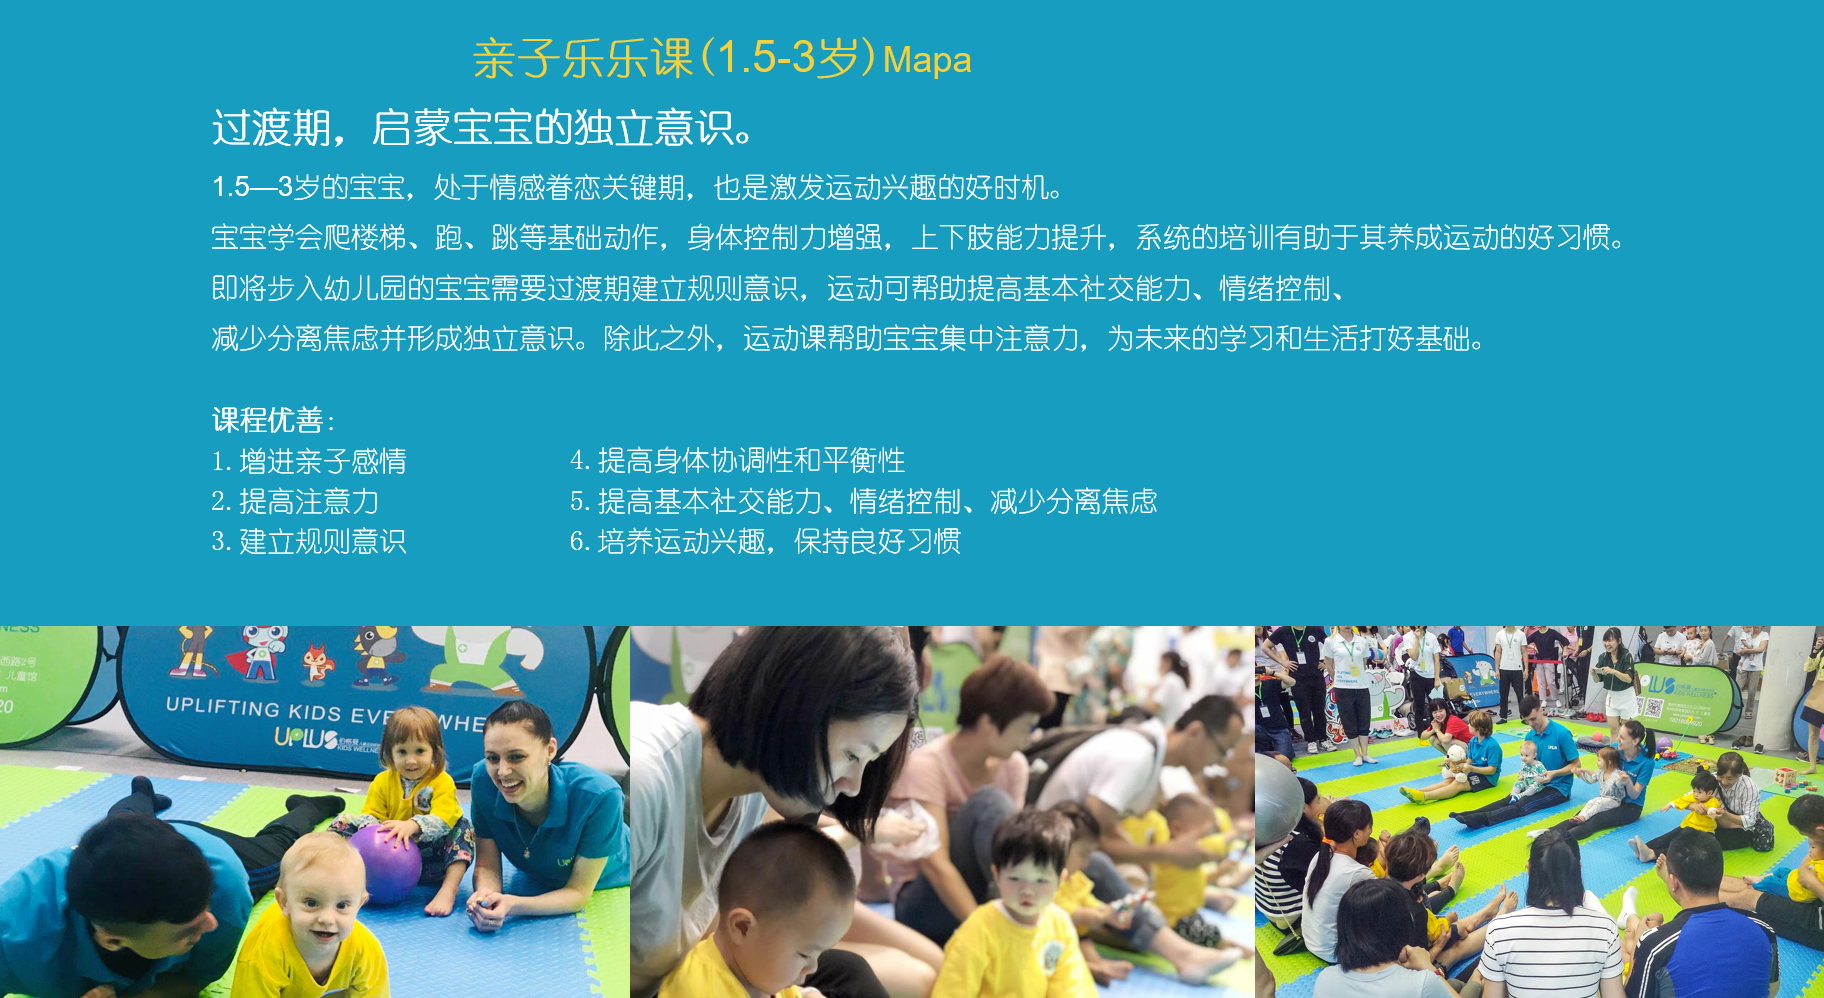 伯格曼Mapa体适能运动课(1.5-3岁)